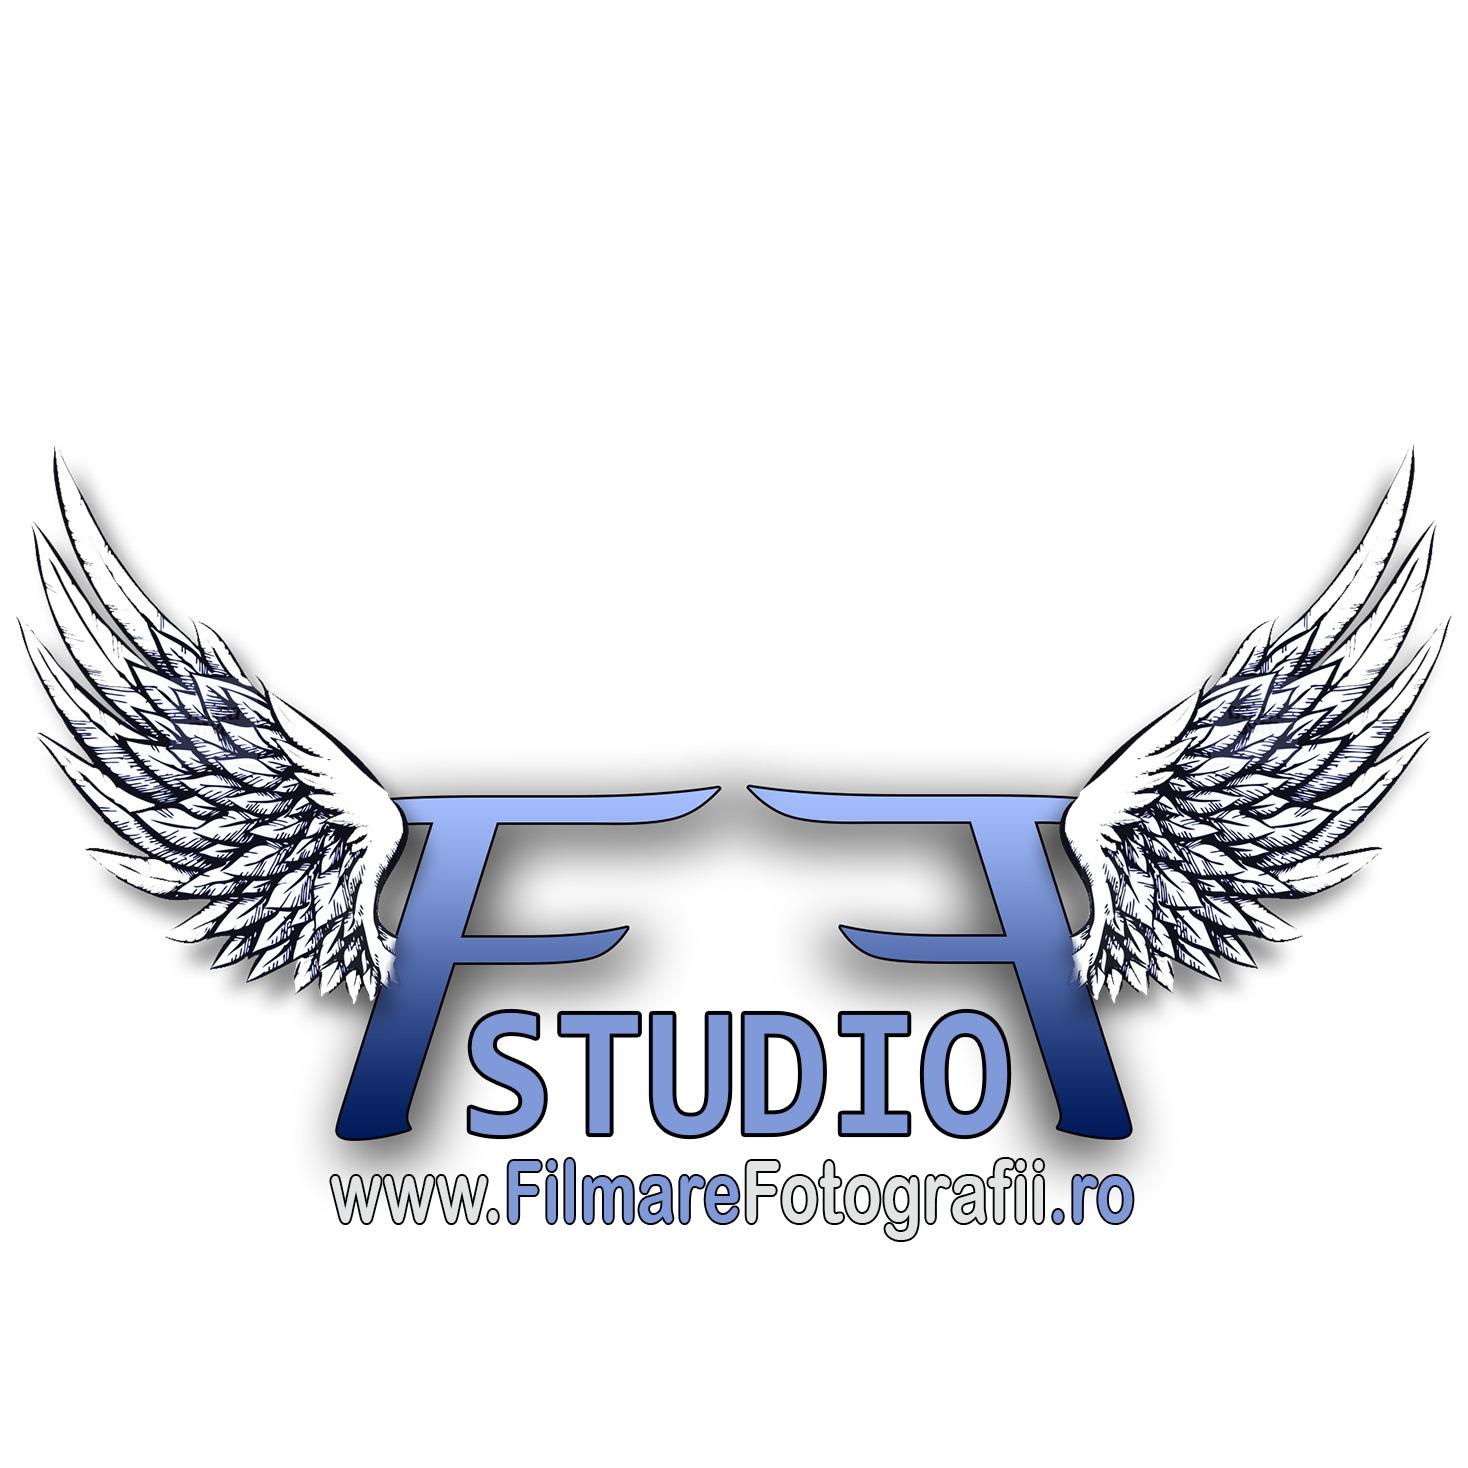 FF Studio